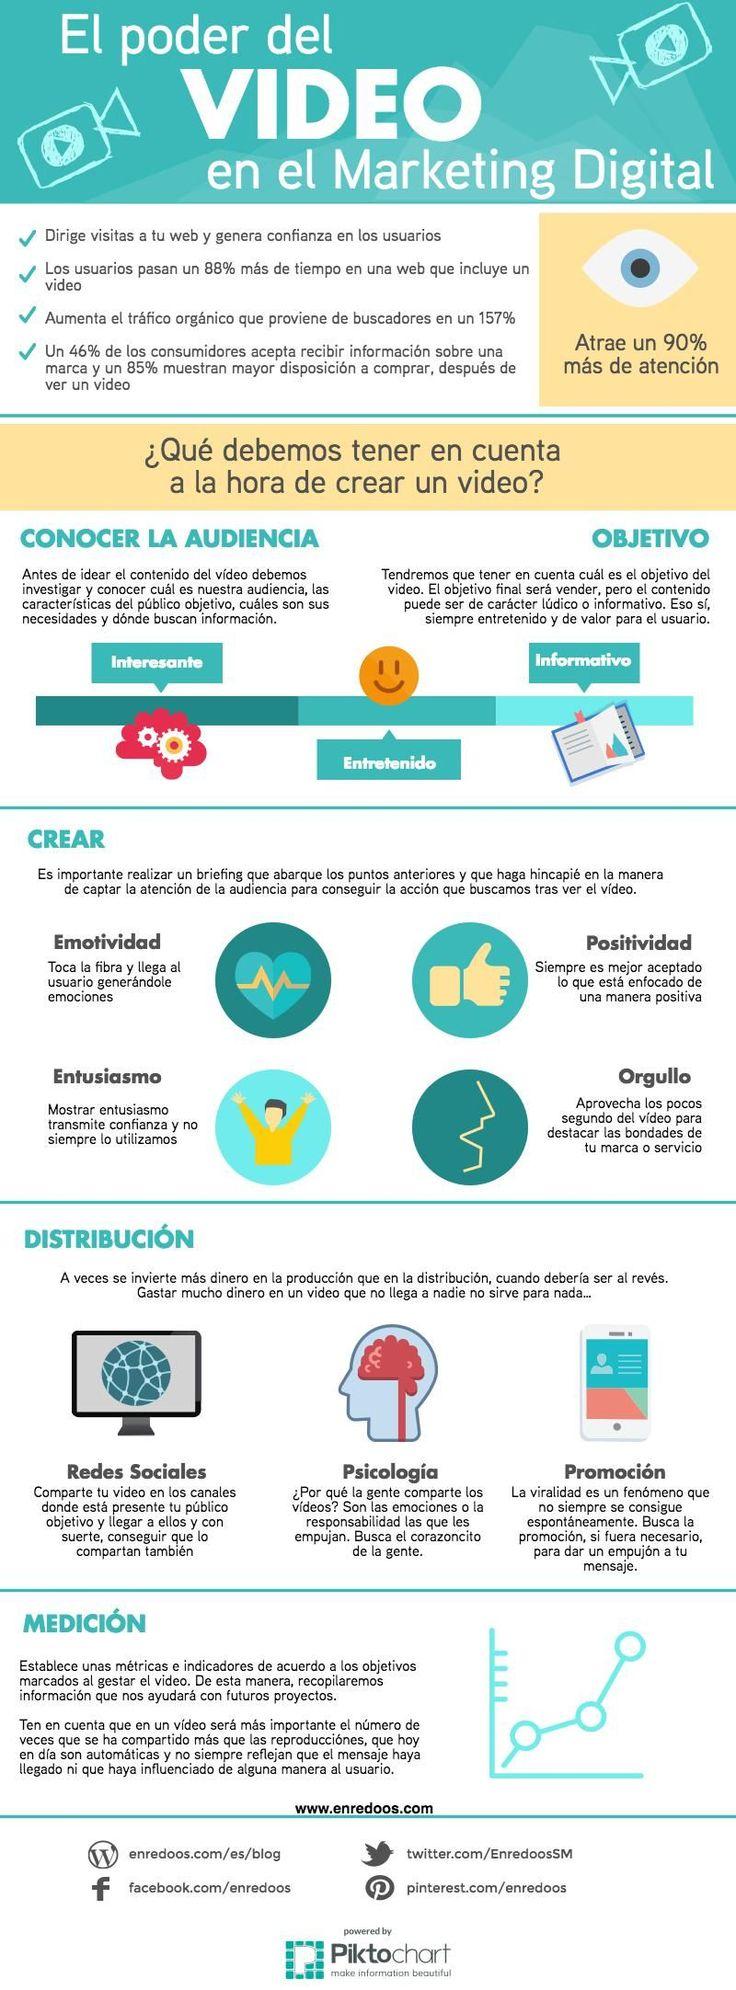 El poder del video en el #MarketingDigital #Video  http://www.enredoos.com/es/blog/el-poder-del-video-en-el-marketing-digital/